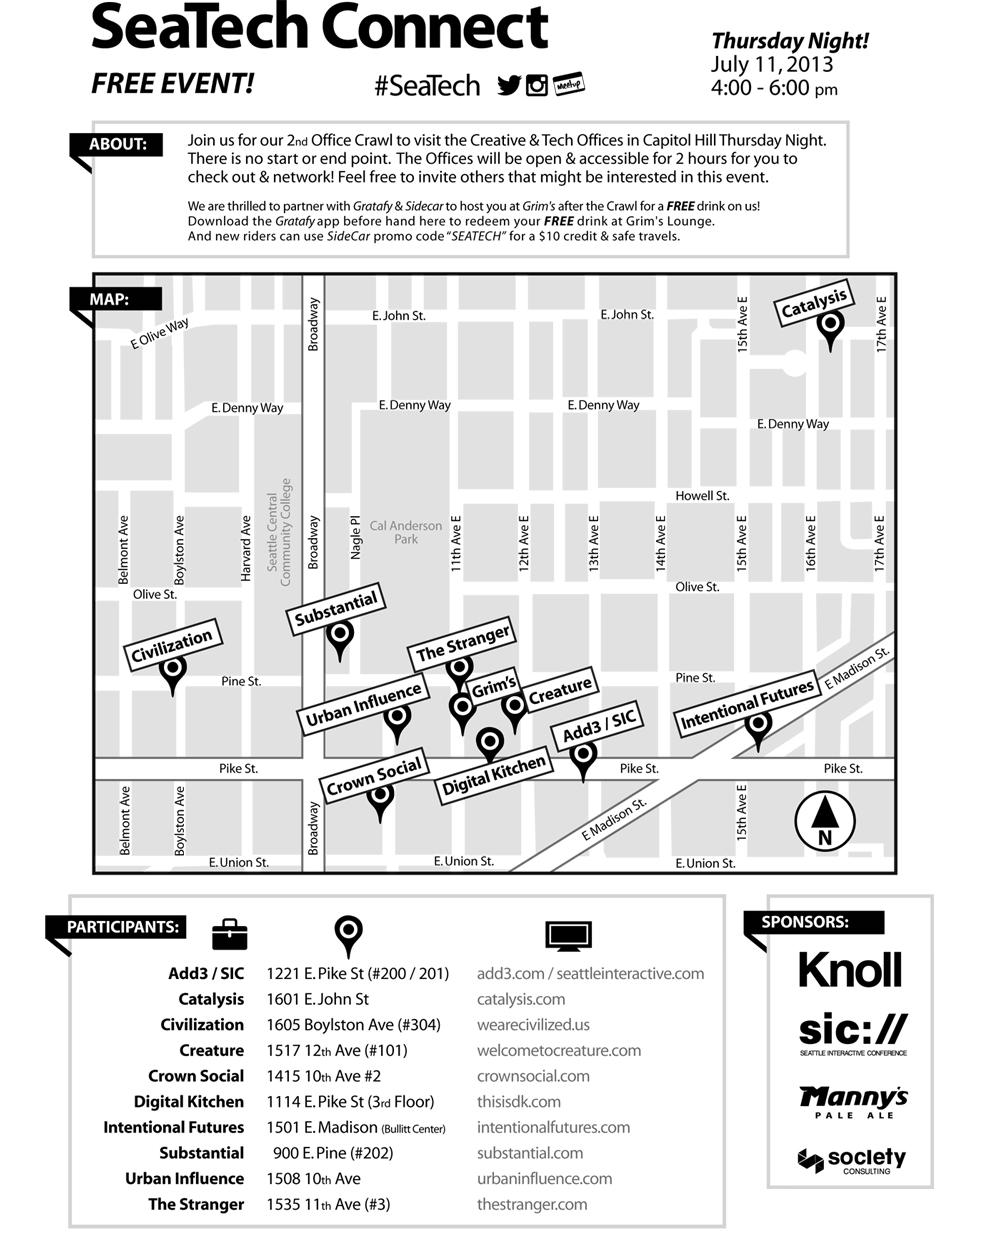 Capitol Hill Ad Agencies